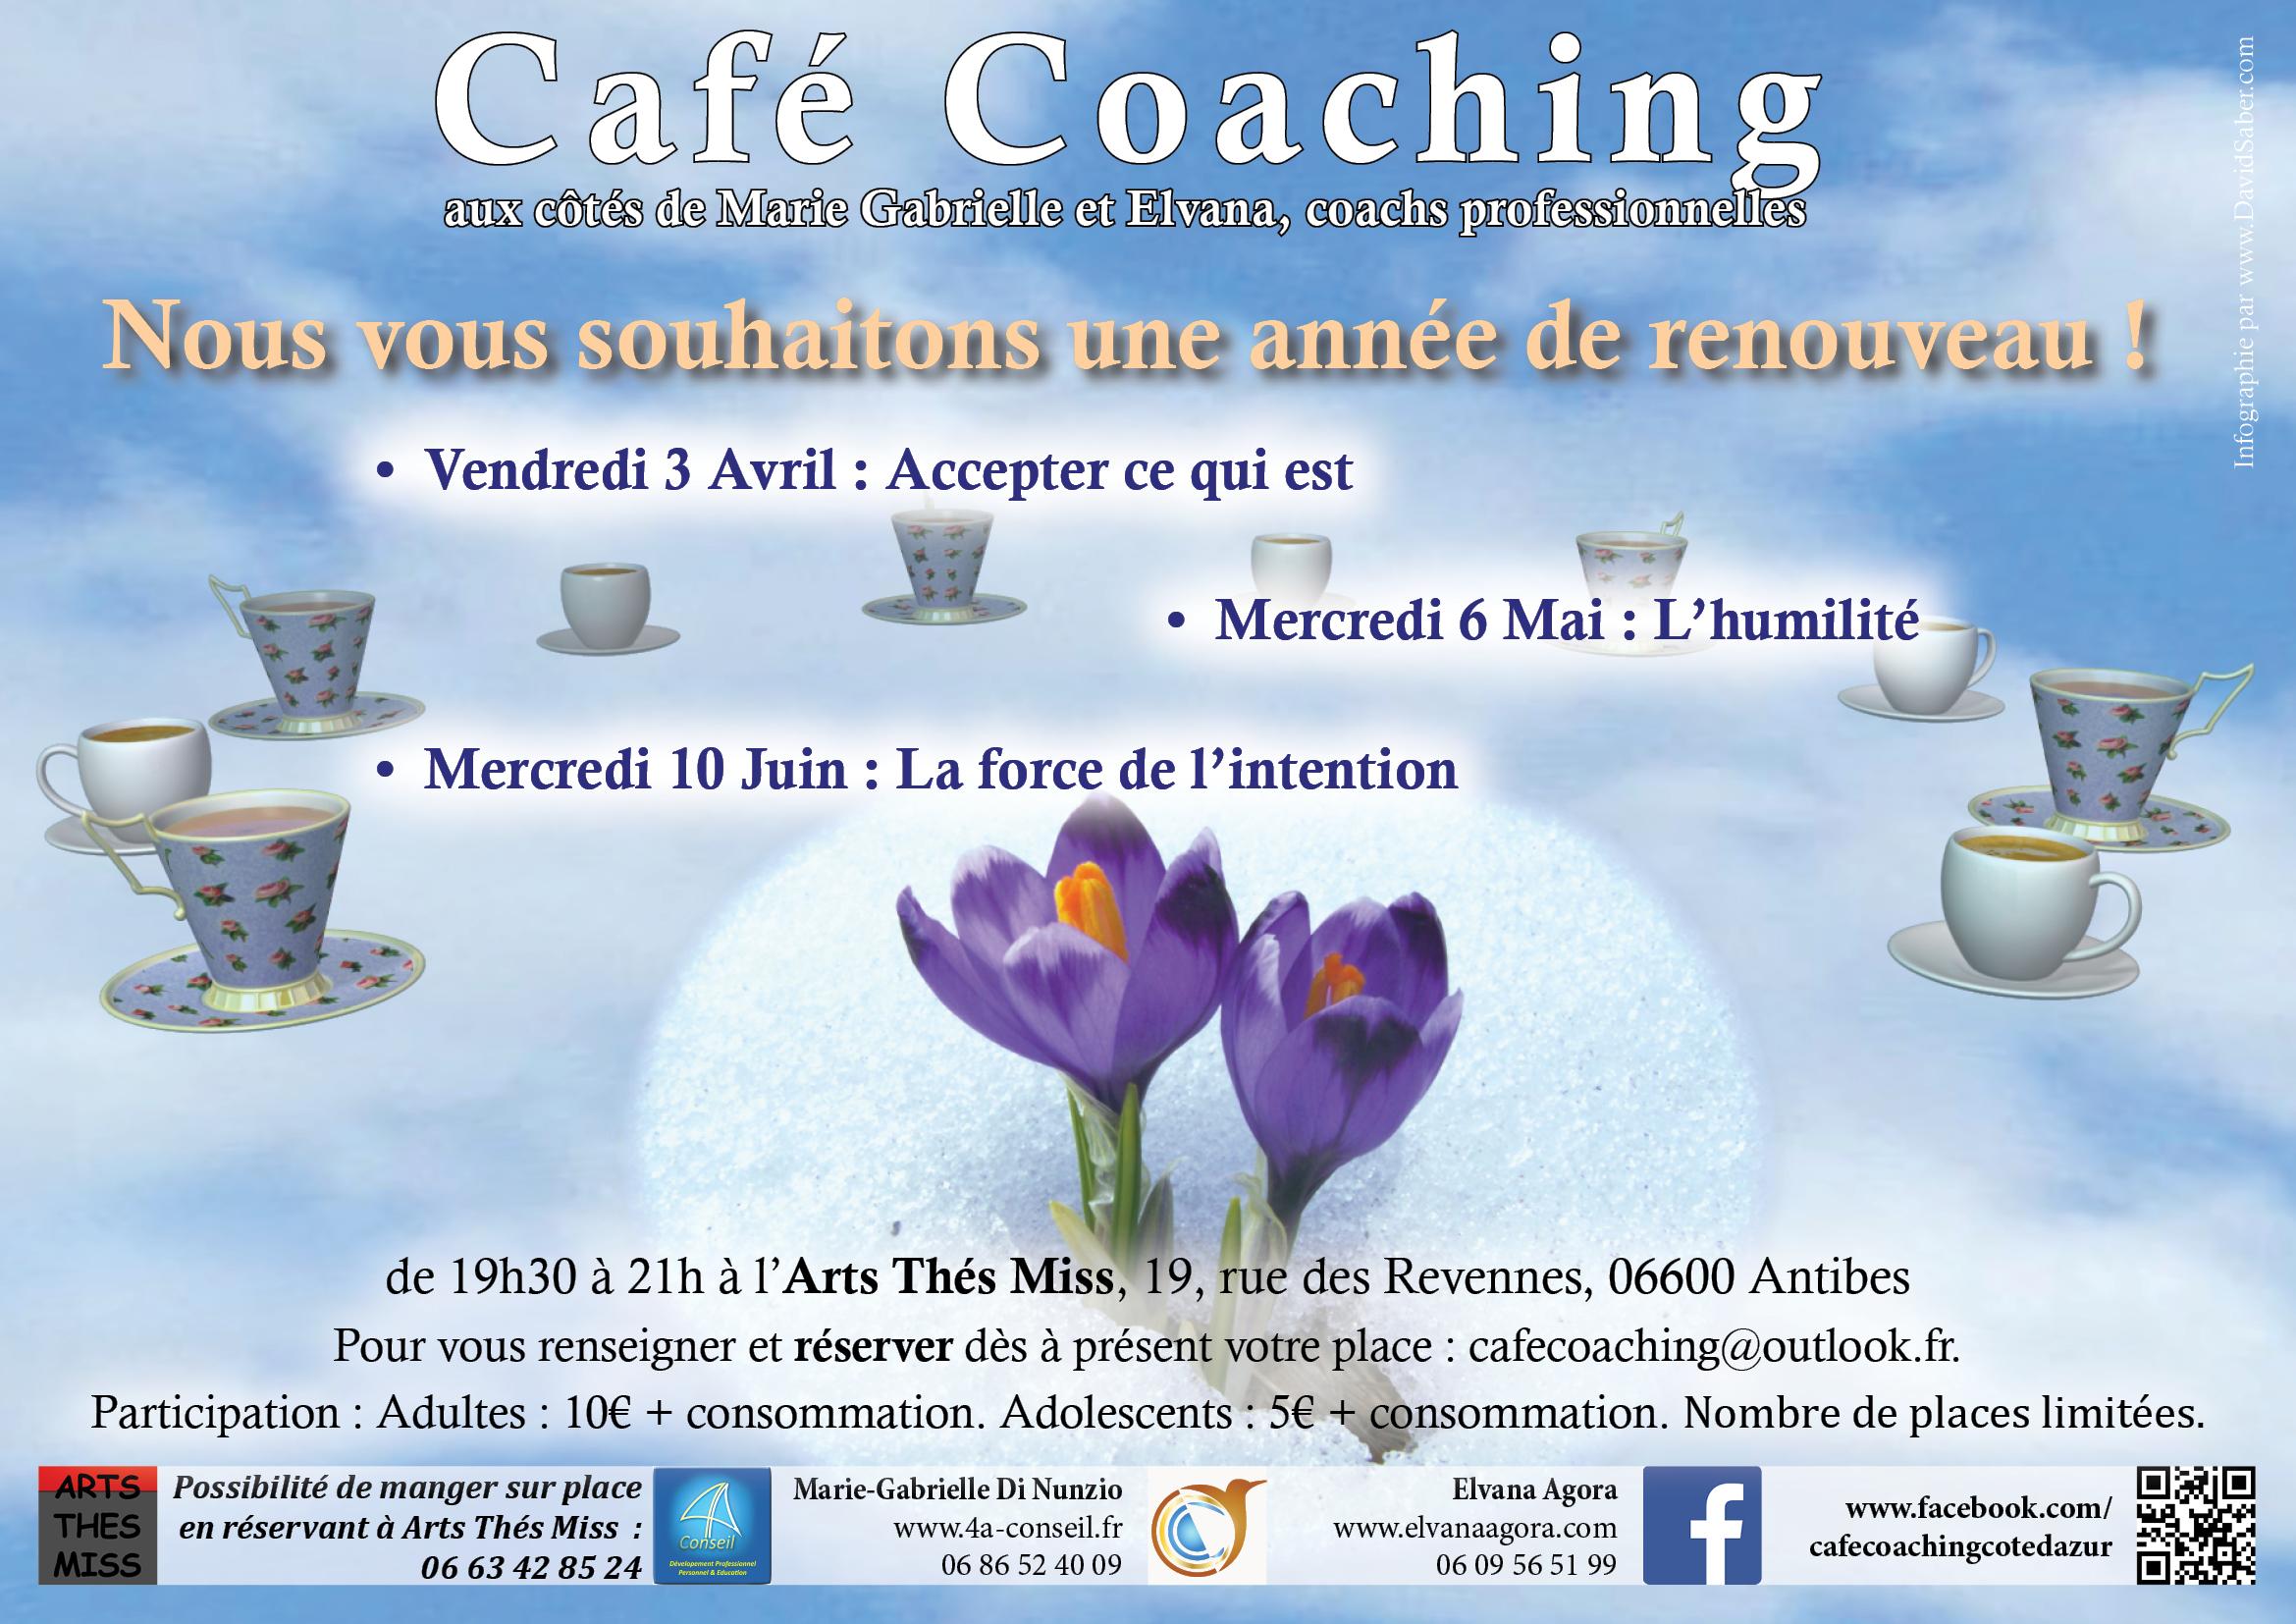 CafeCoaching_AfficheA4_1501BonneAnnee_SansDebords